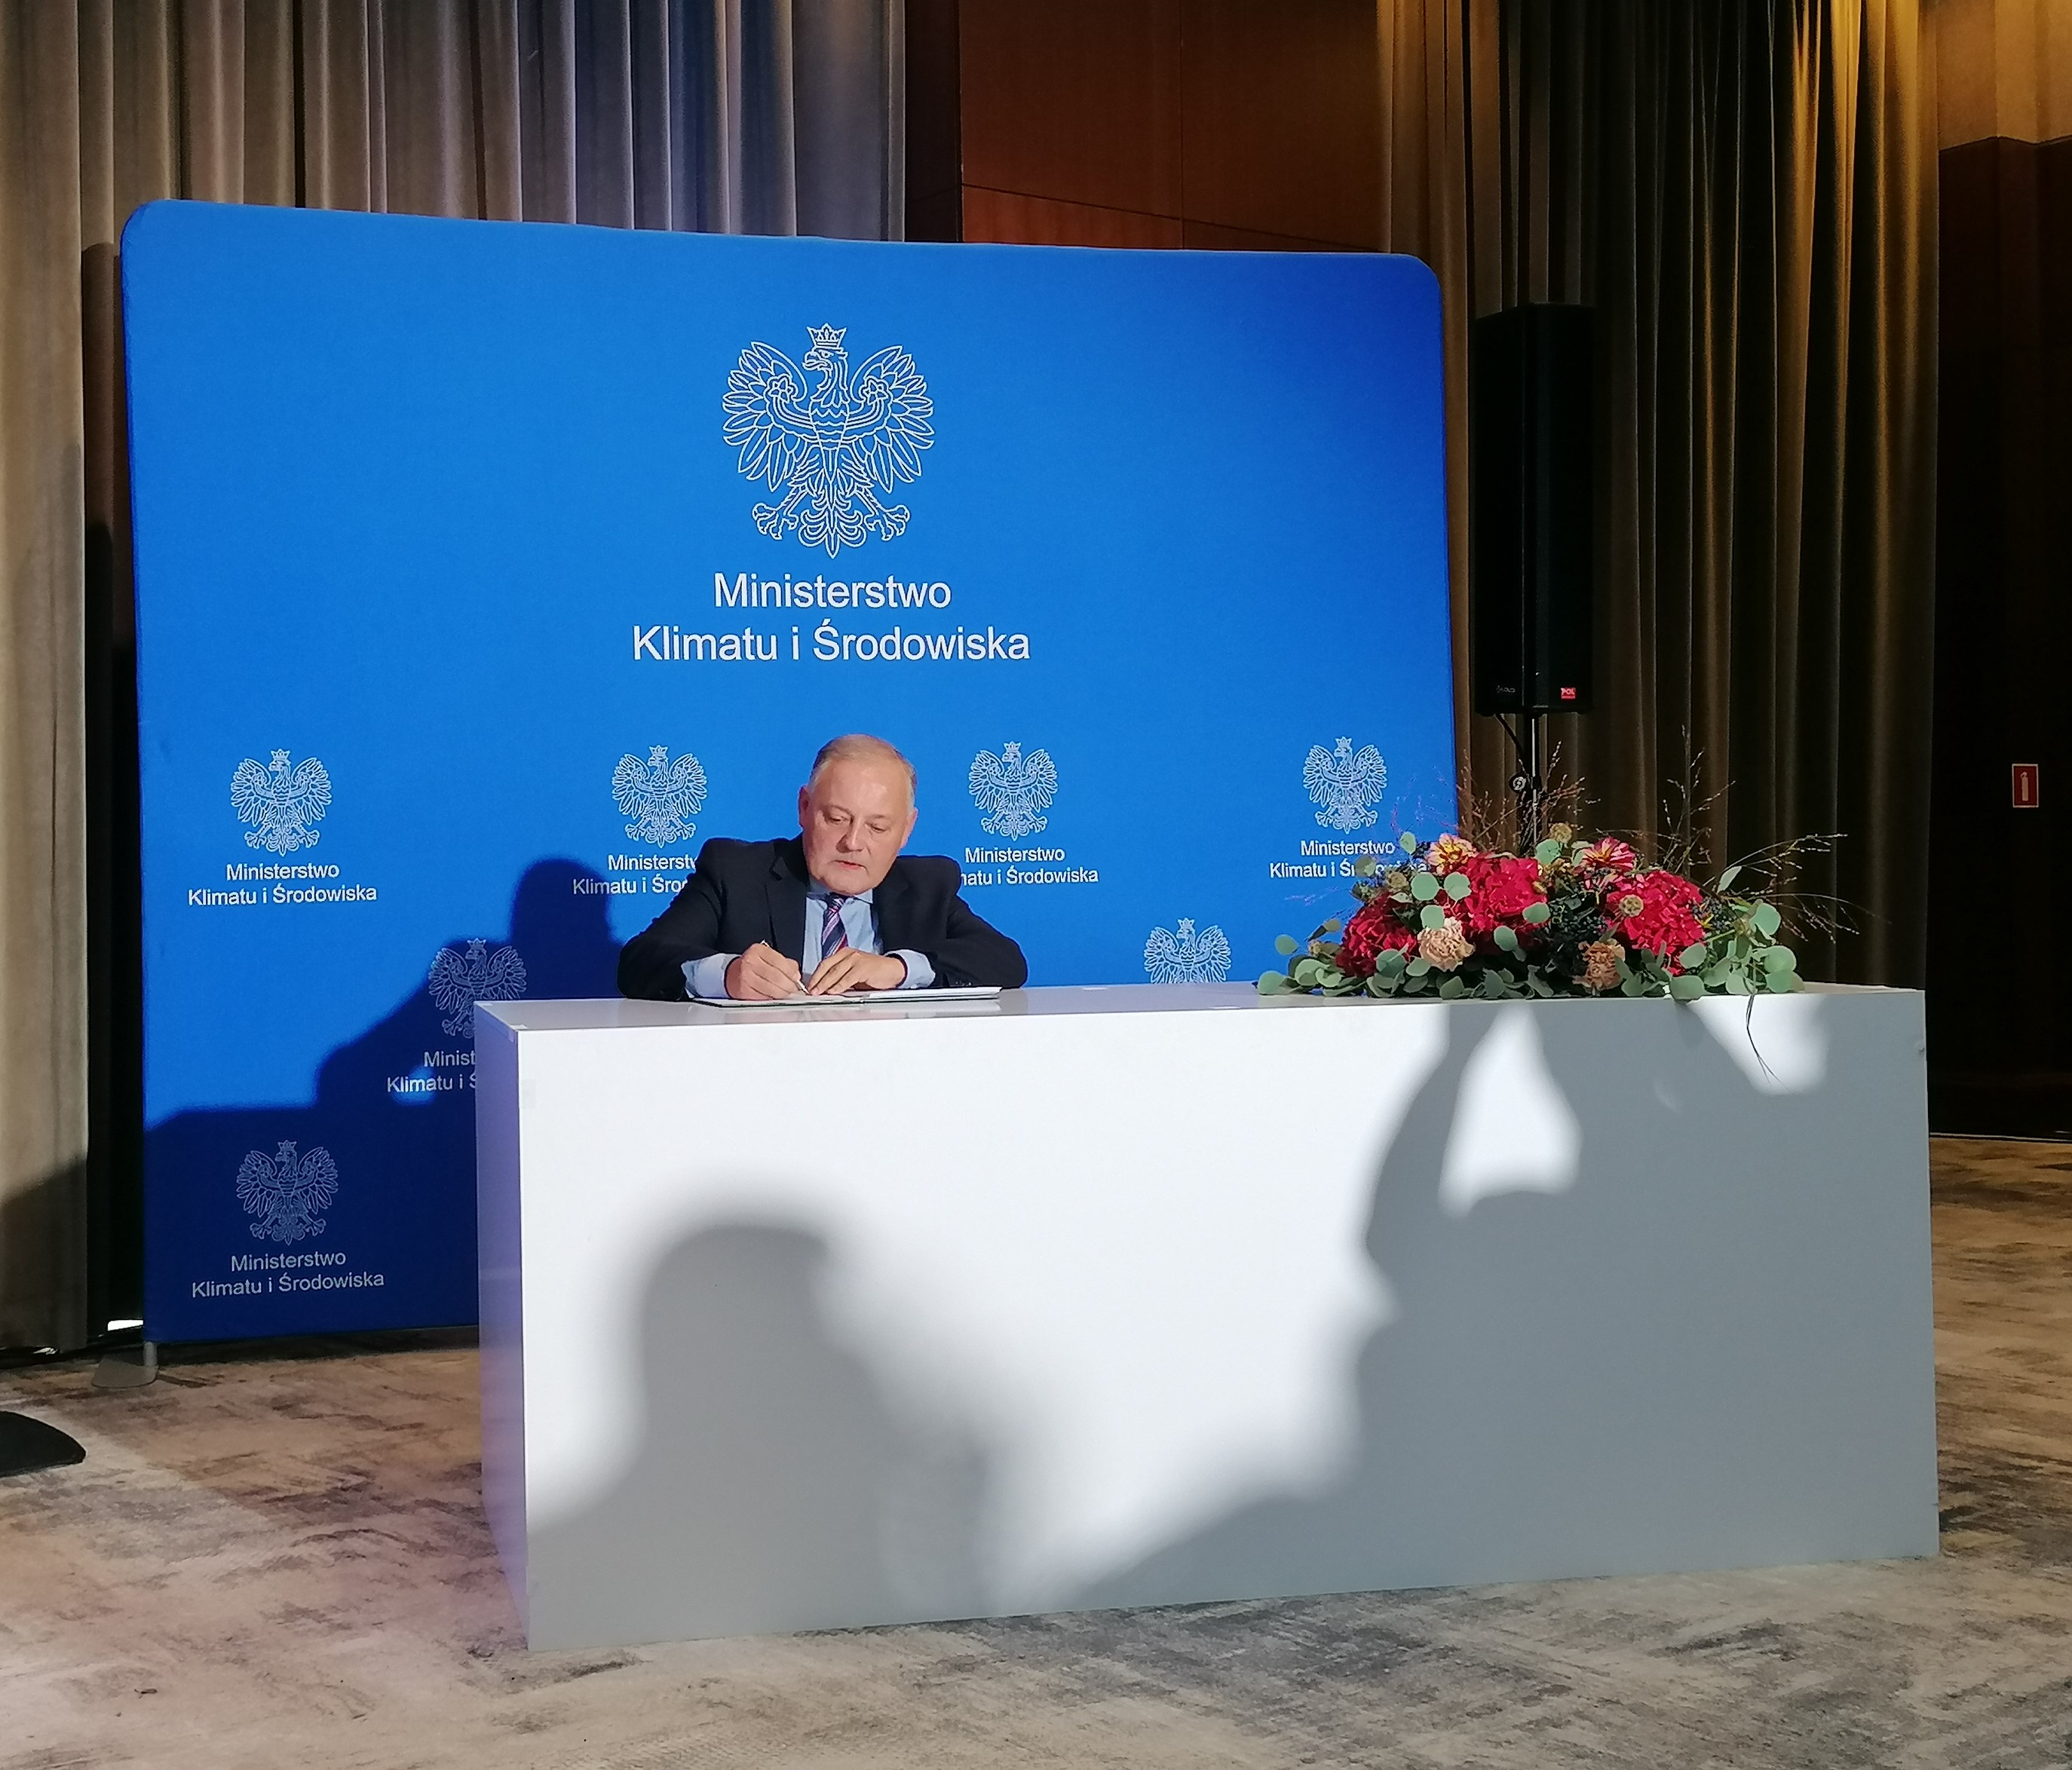 pge-podpisala-porozumienie-sektorowe-na-rzecz-rozwoju-offshore-w-polsce-1.jpg